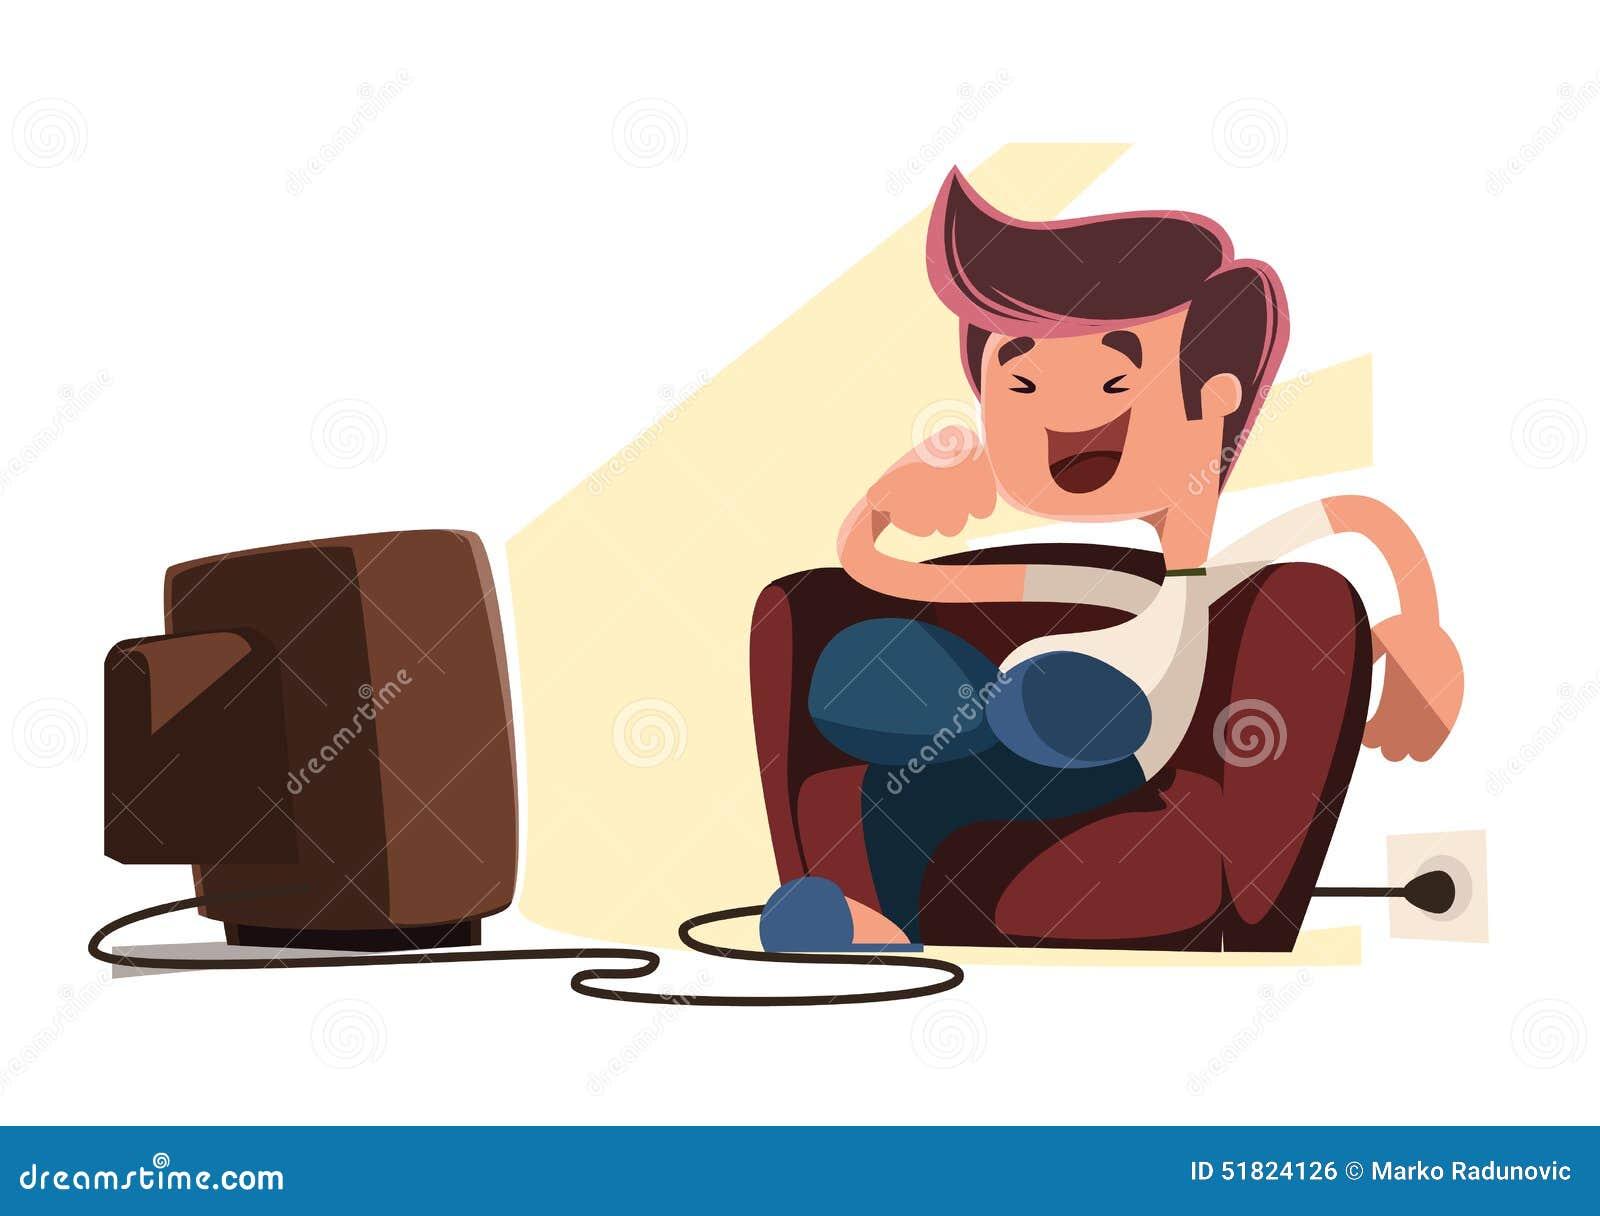 Man Watching Television Illustration Cartoon Character